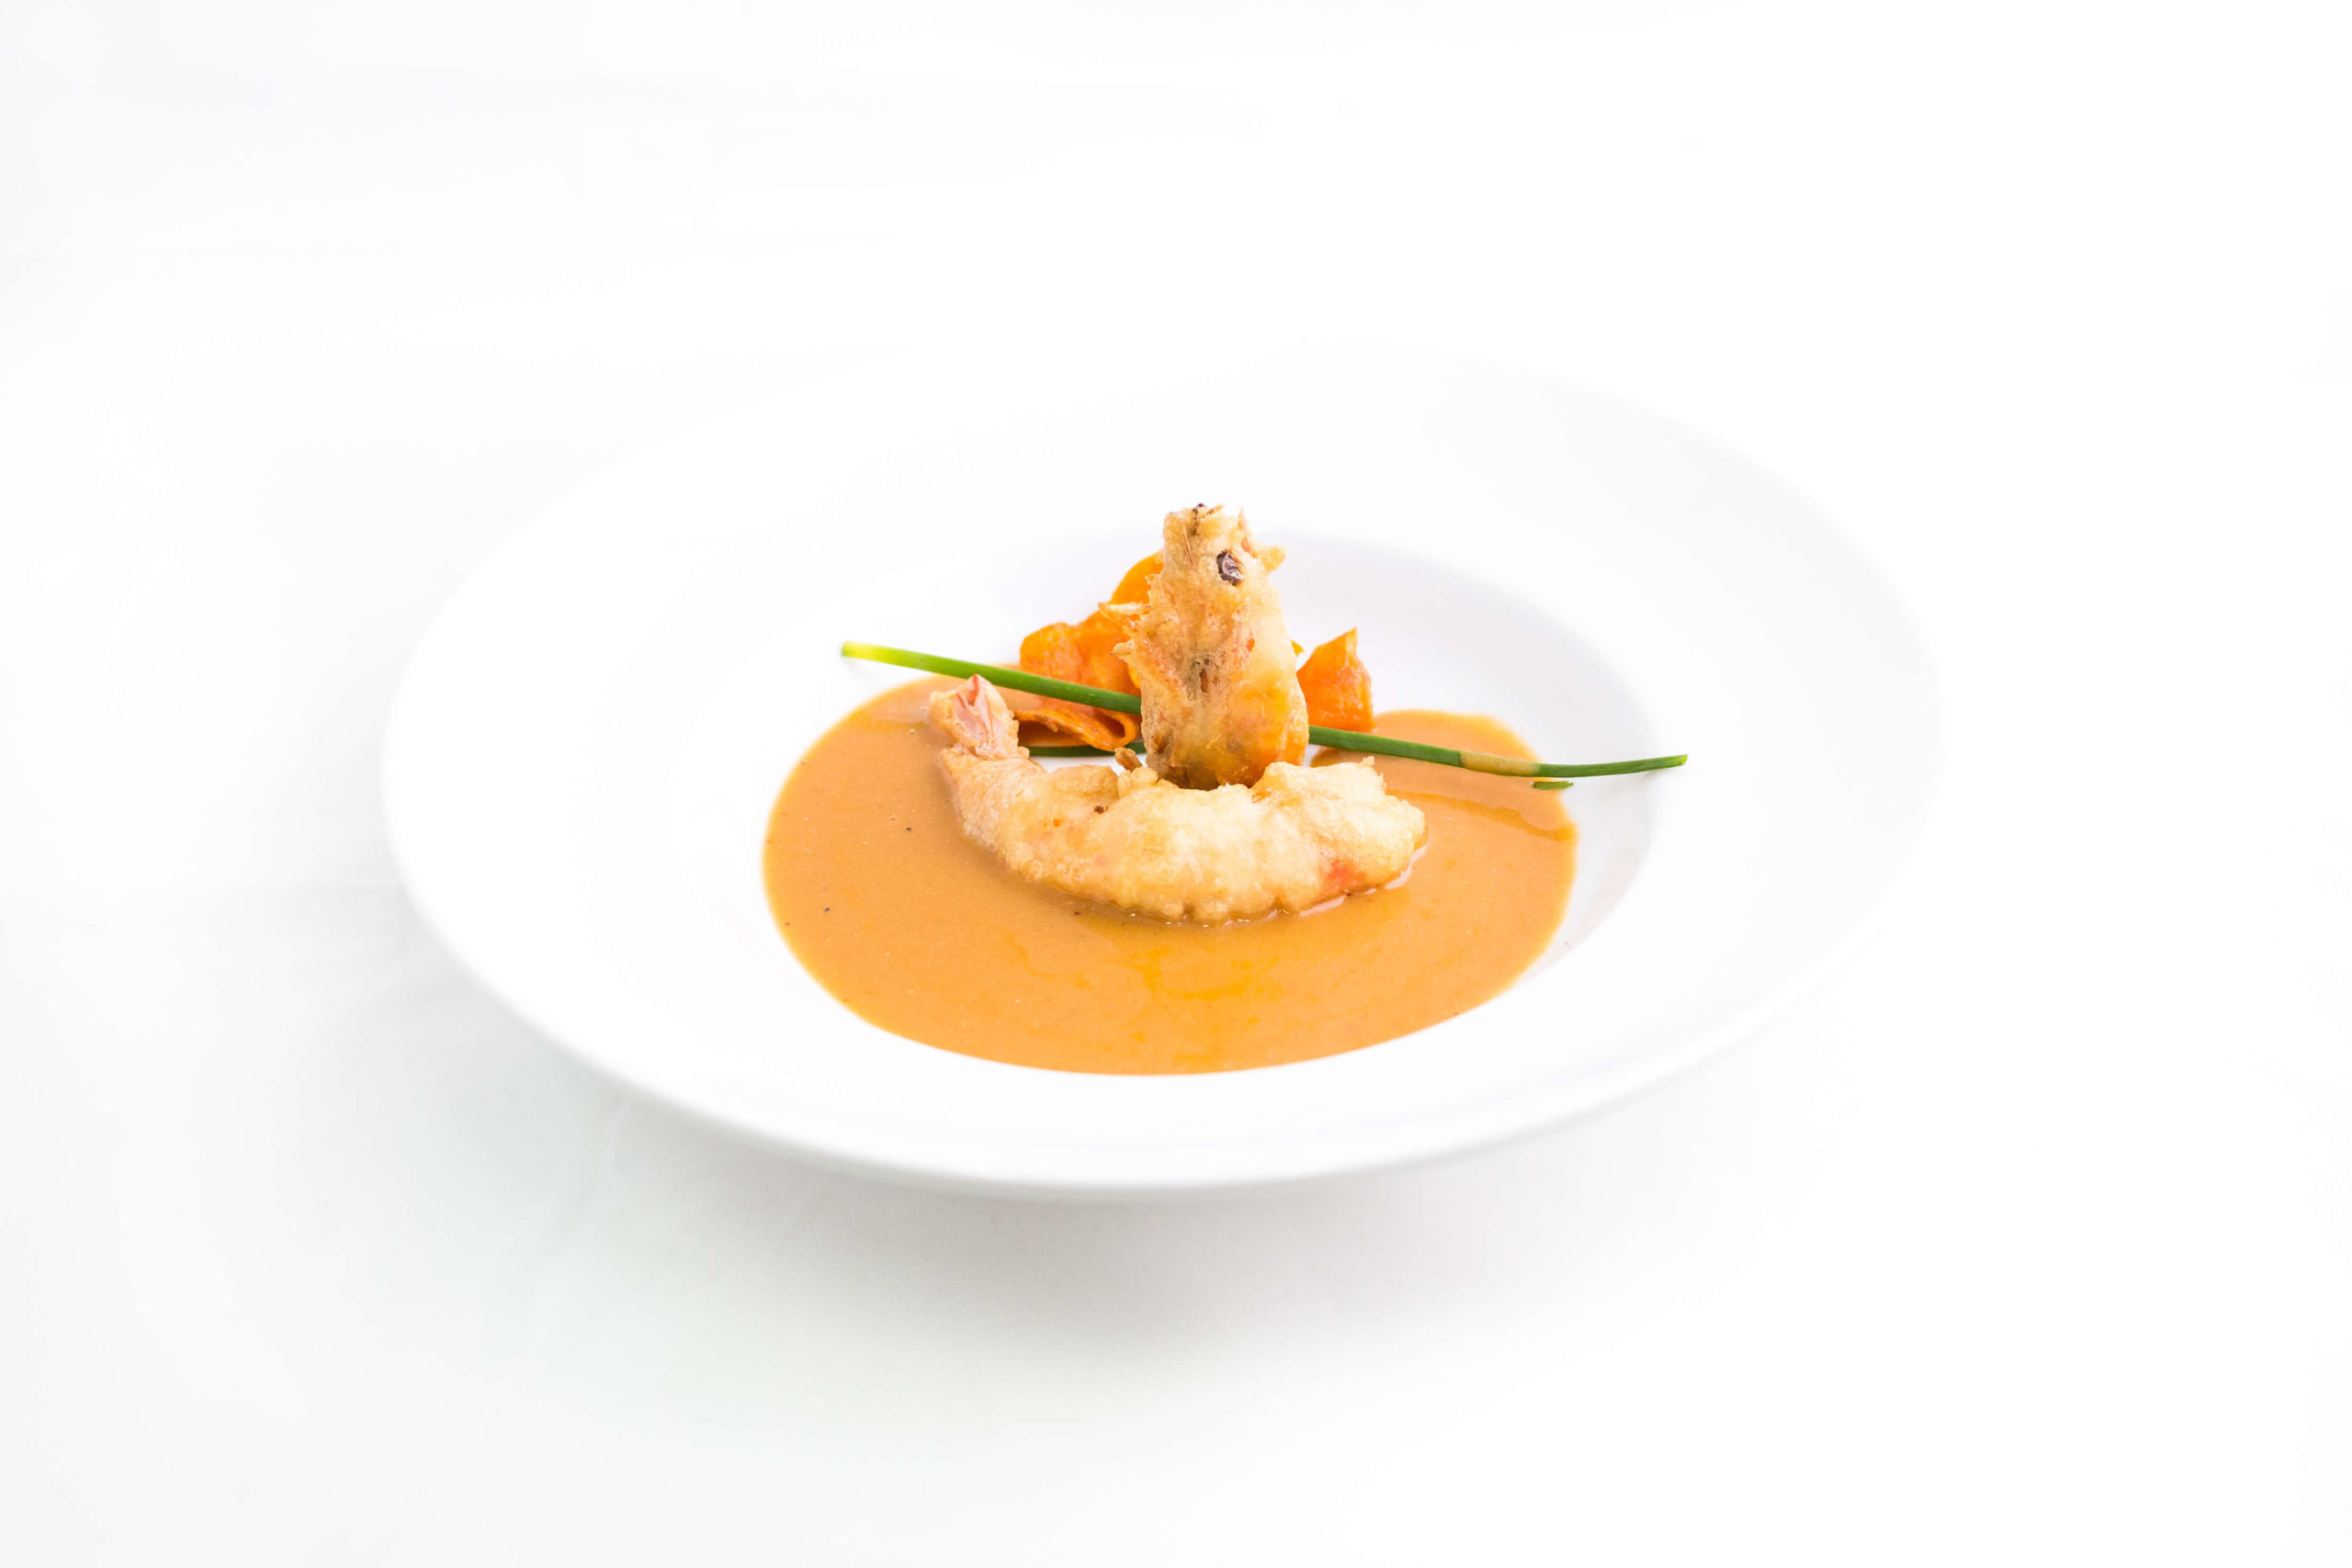 Foto y vídeo de producto de gastronomía en Tarragona